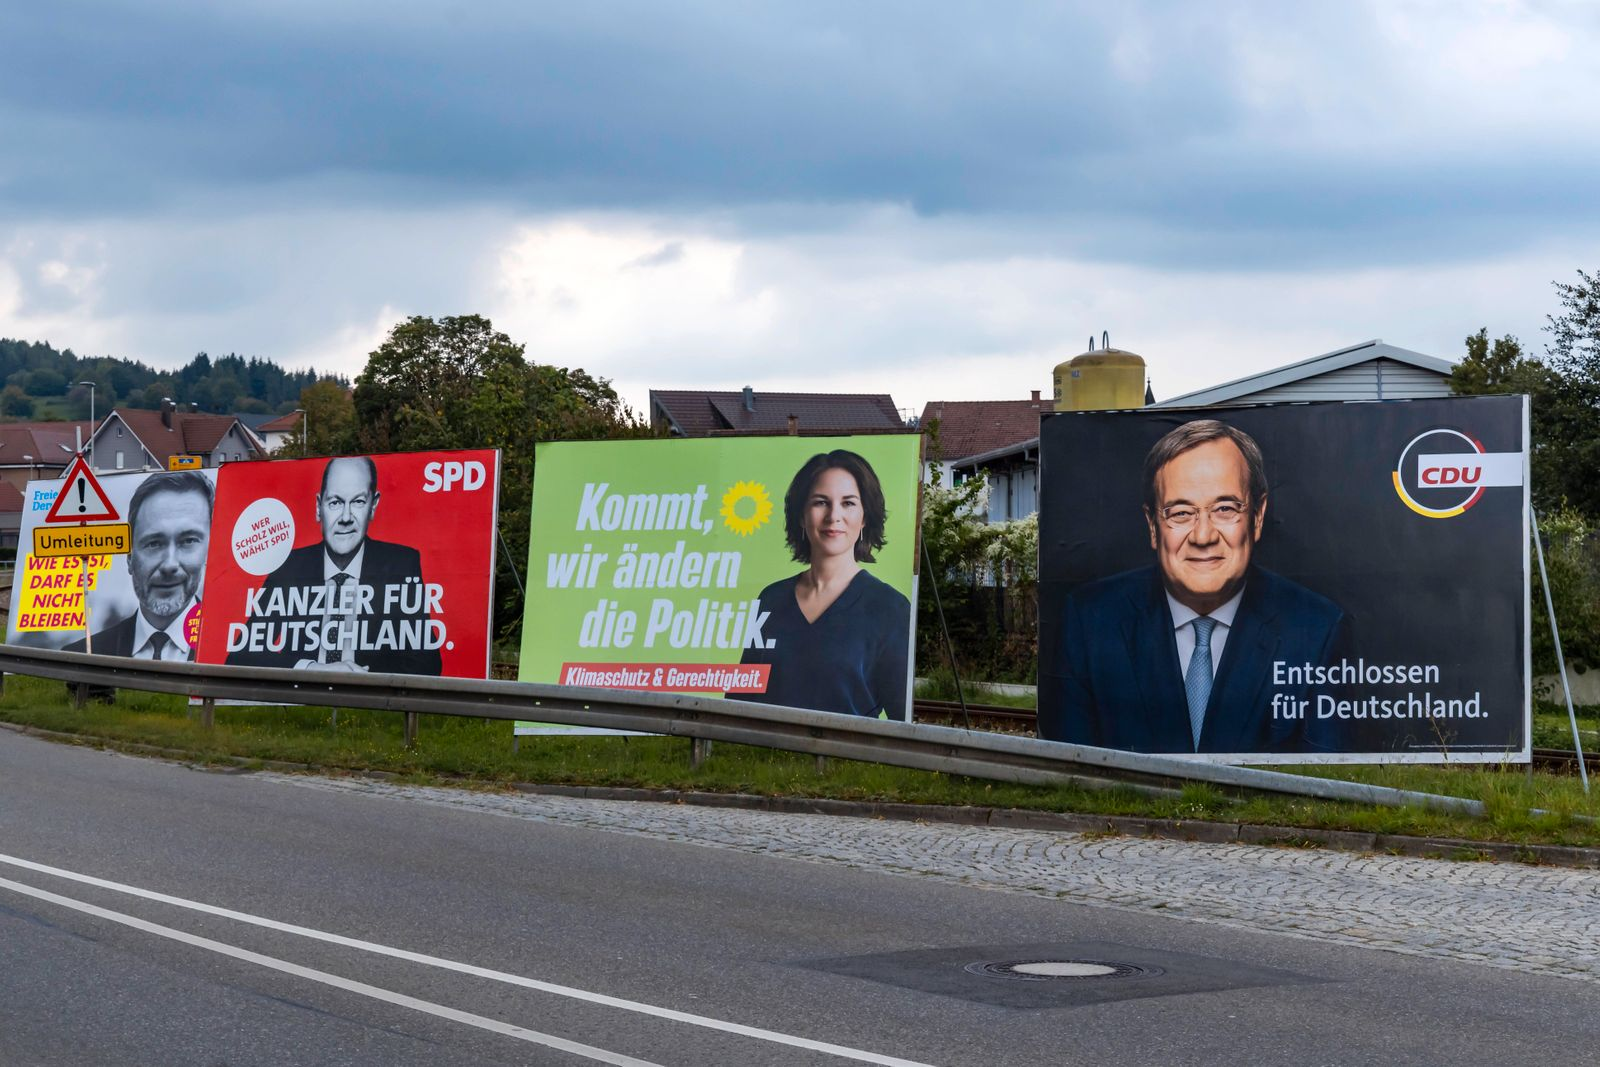 Wahlplakat zur Bundestagswahl 2021. BTW21. Großplakate von CDU, Grüne, SPD, FDP. // 19.09.2021: Deutschland, Baden-Württ